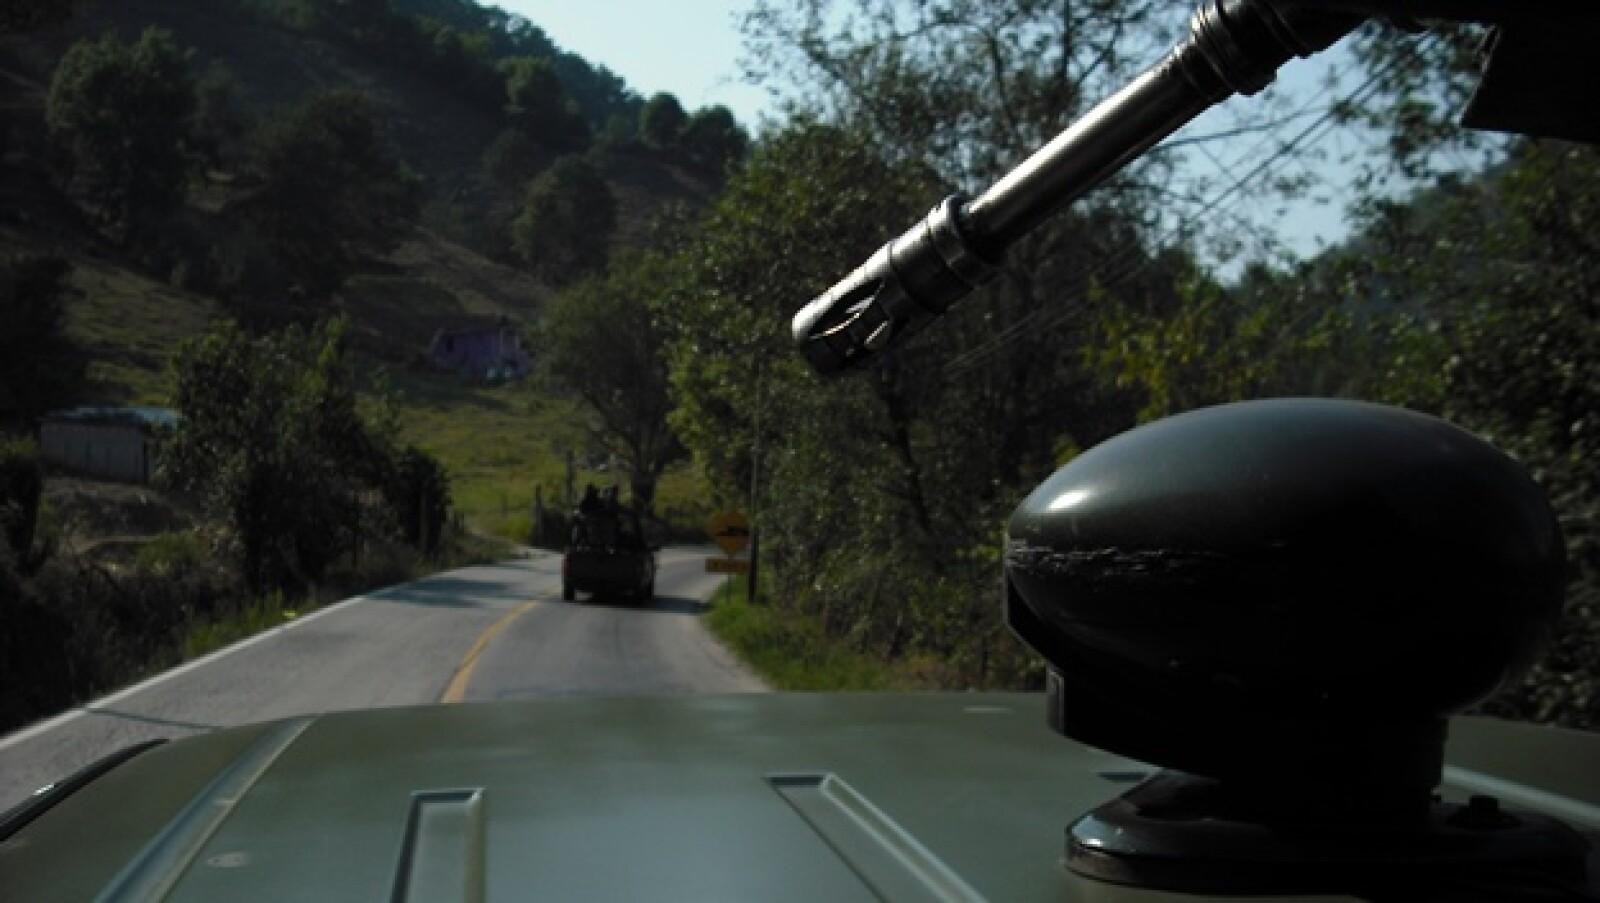 Para la población en Hidalgo e común que el Ejército patrulle las principales carreteras que llevan a la Huasteca y Sierra del estado